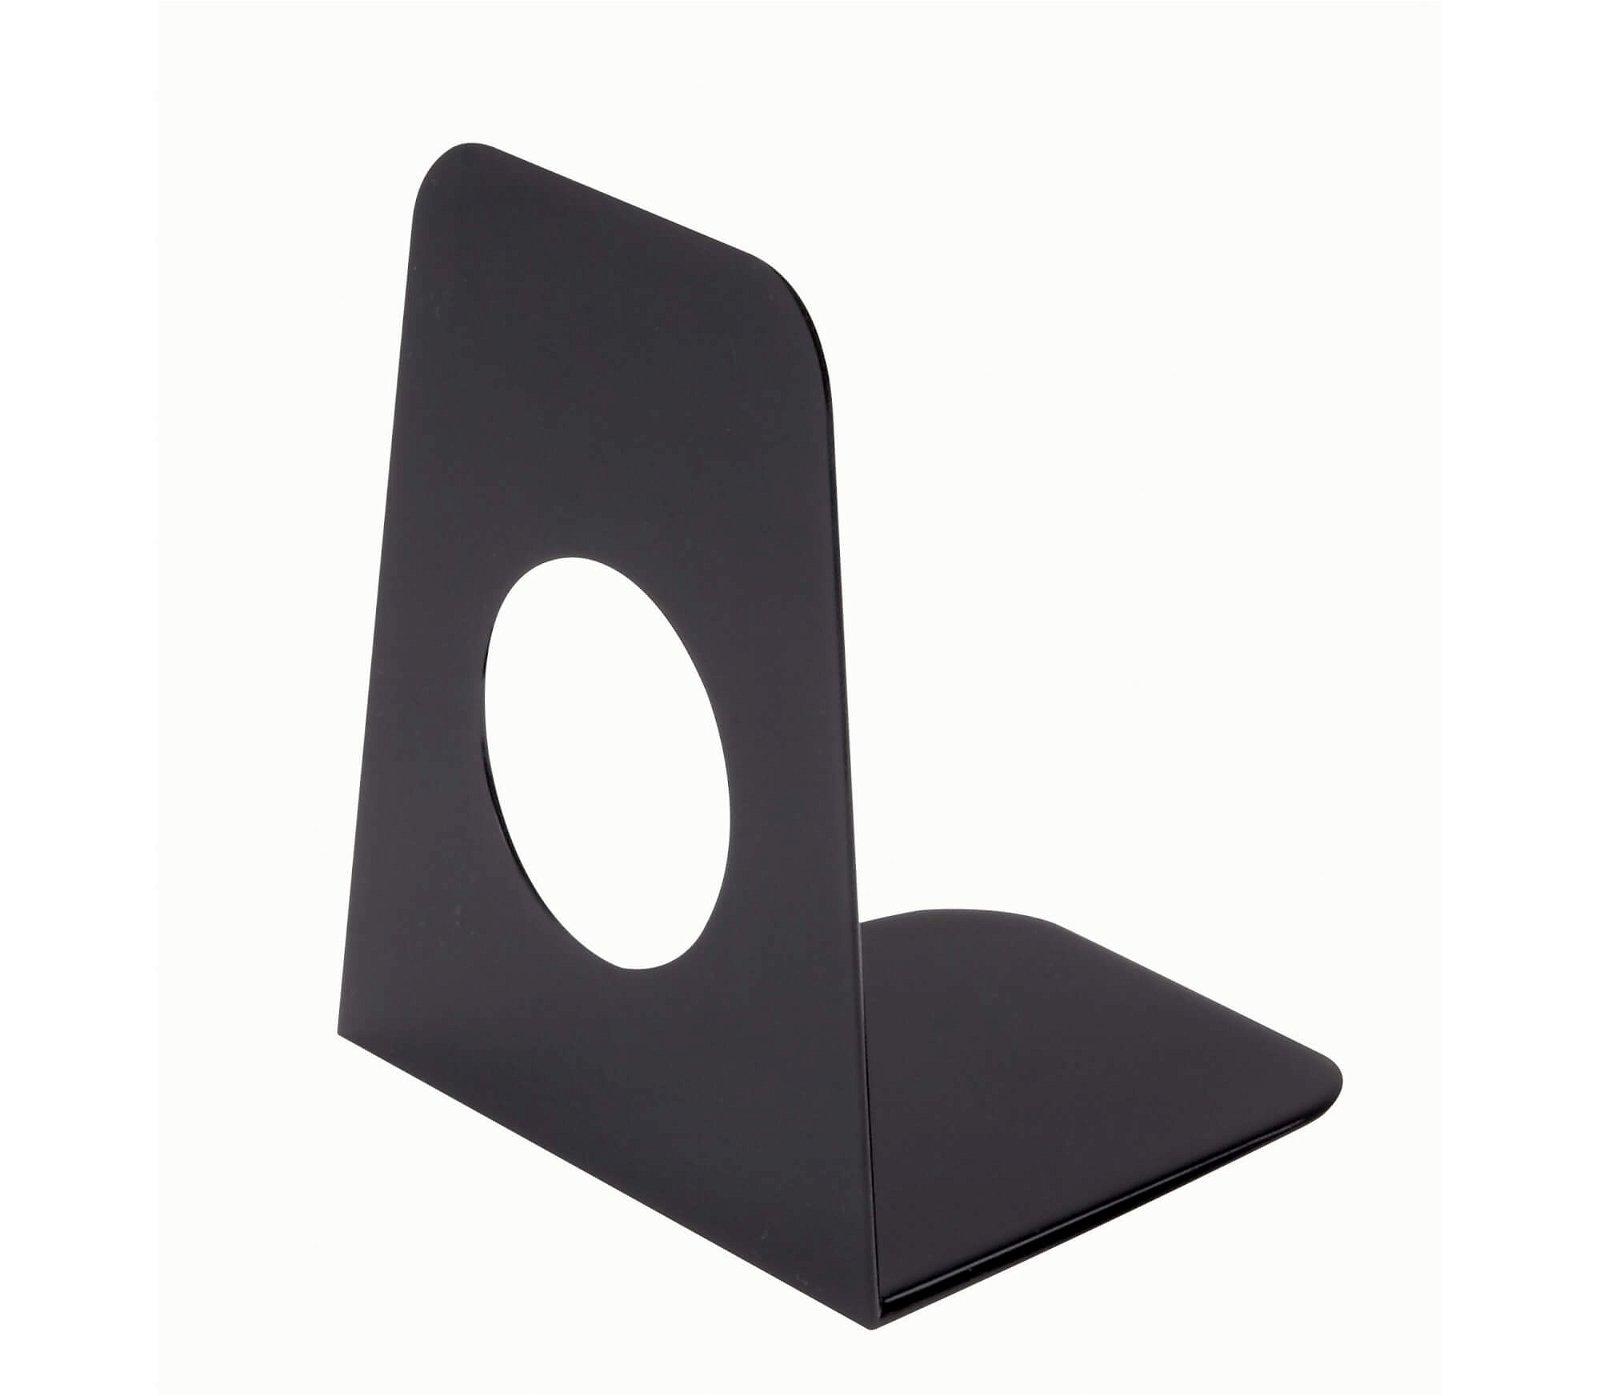 Buchstützen aus Kunststoff 9 x 10,5 x 12 cm, schwarz